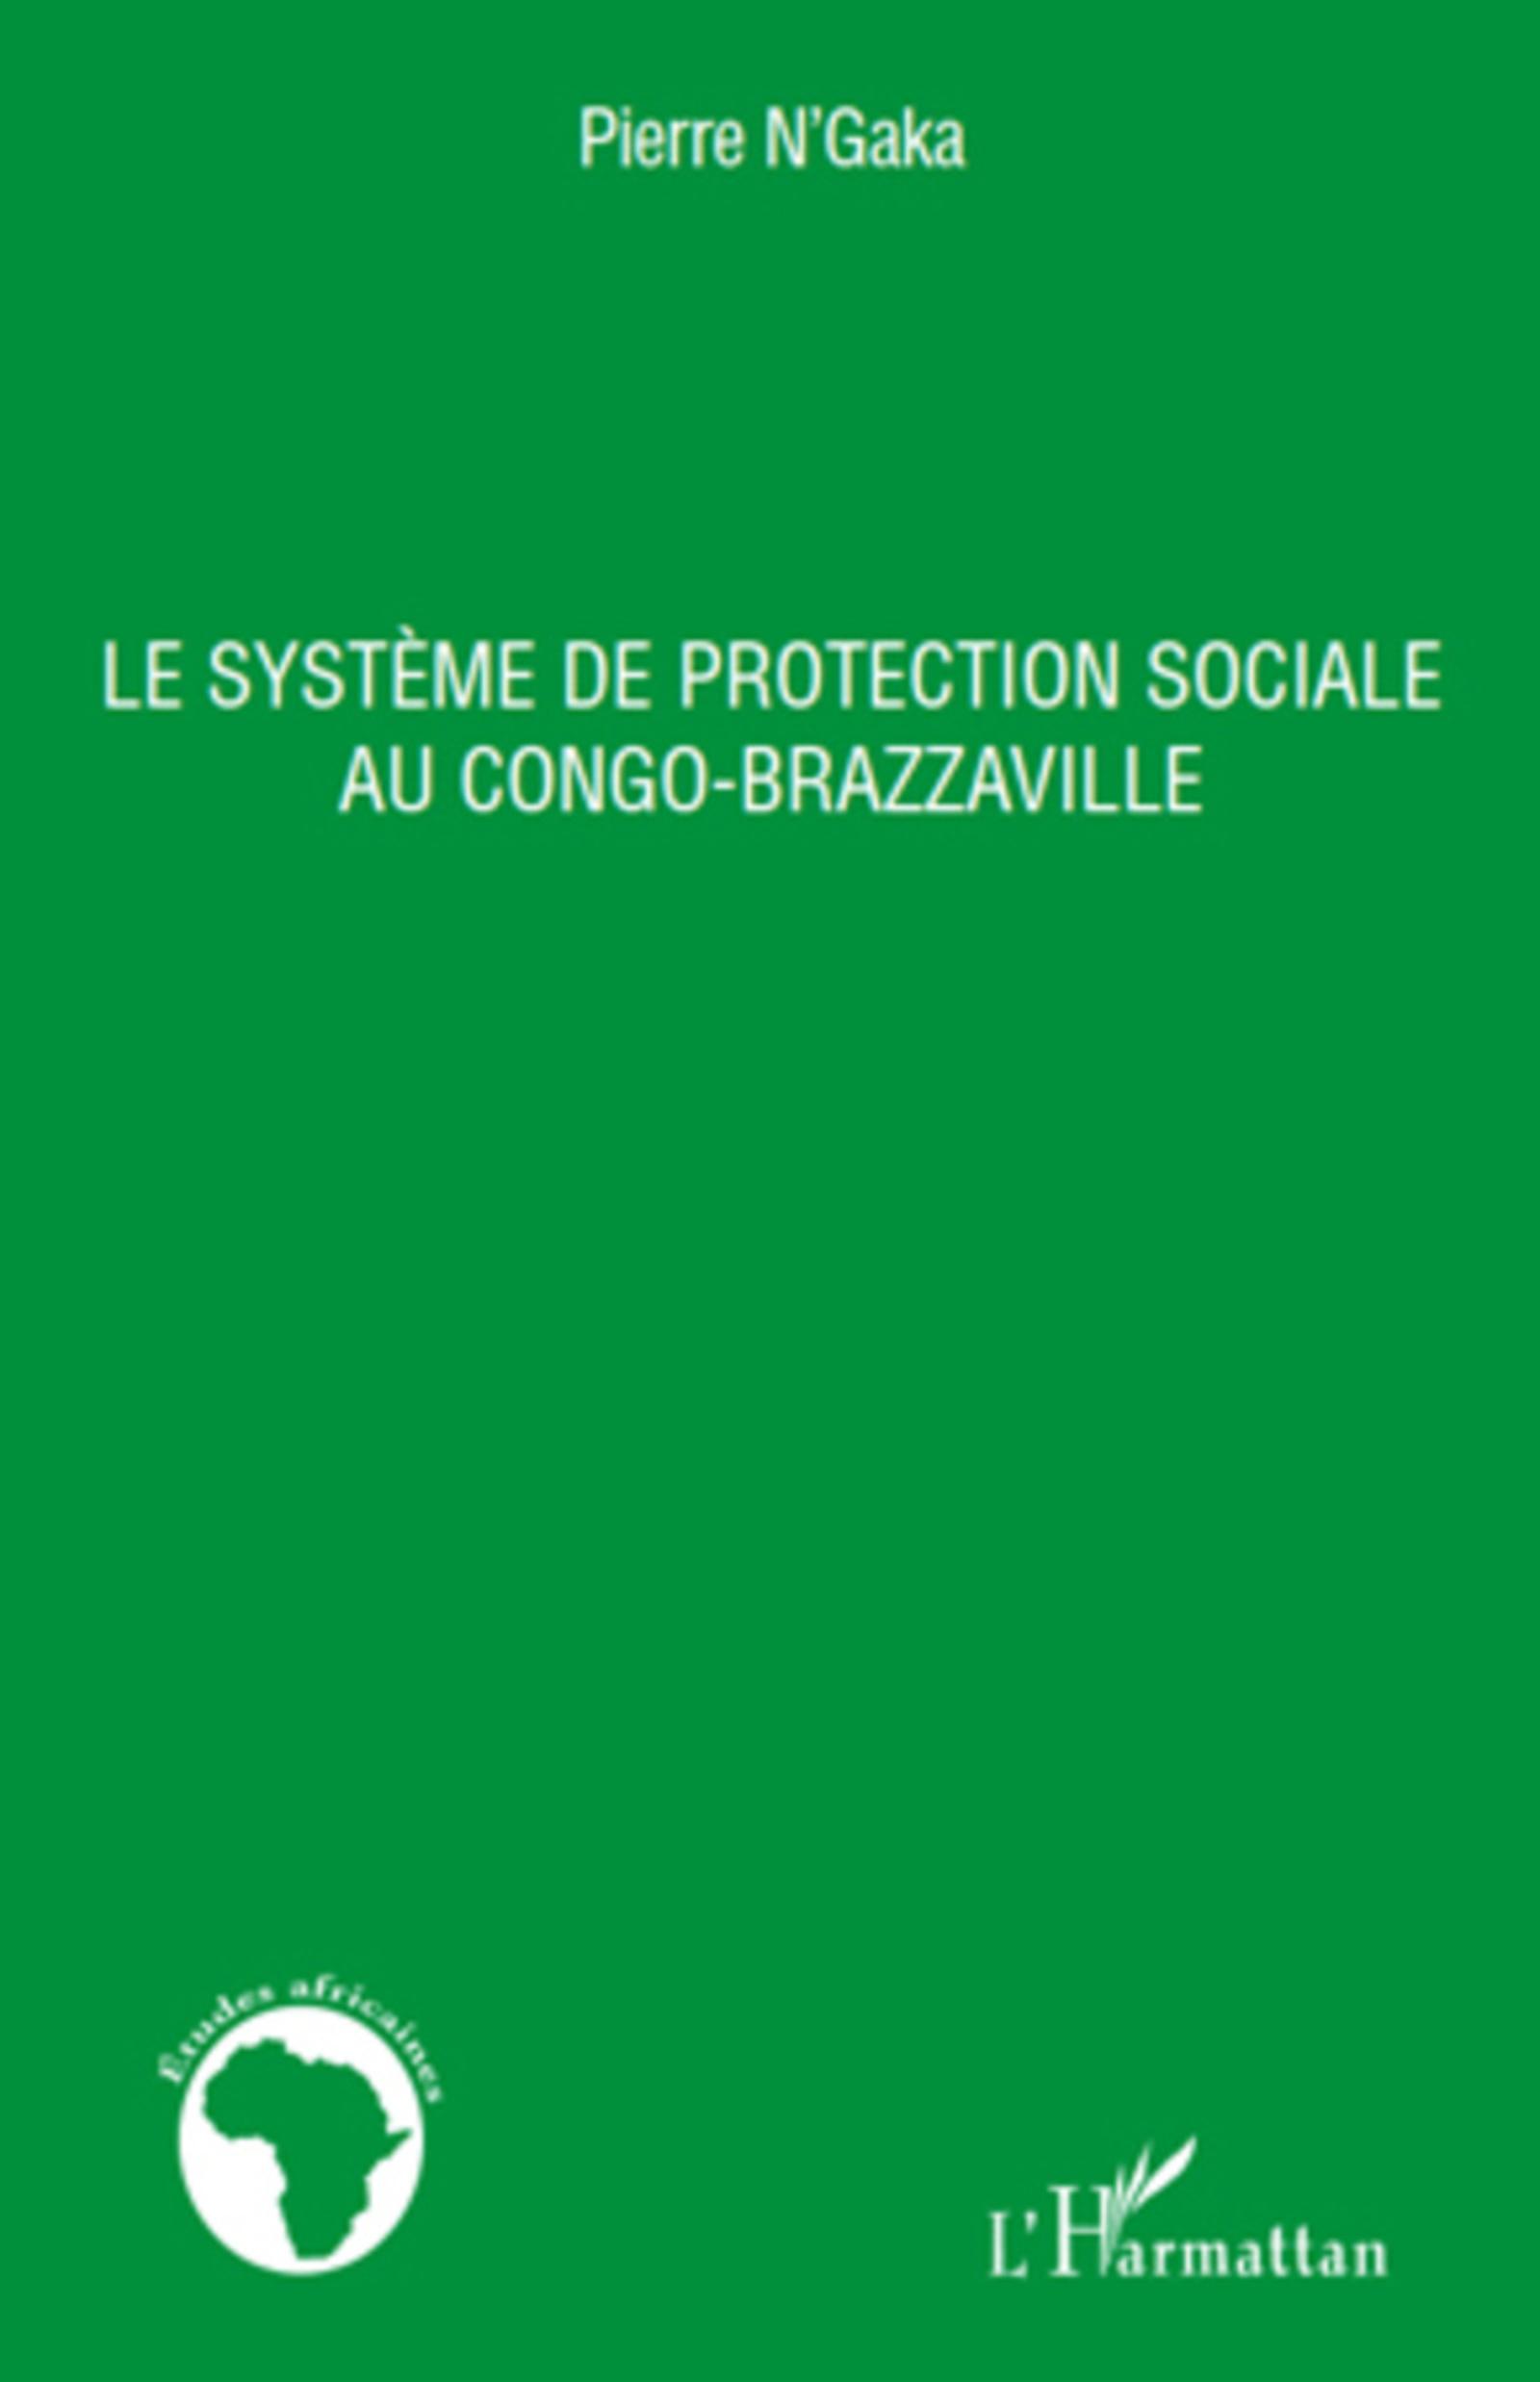 Le système de protection sociale au Congo-Brazaville - Pierre N'Gaka